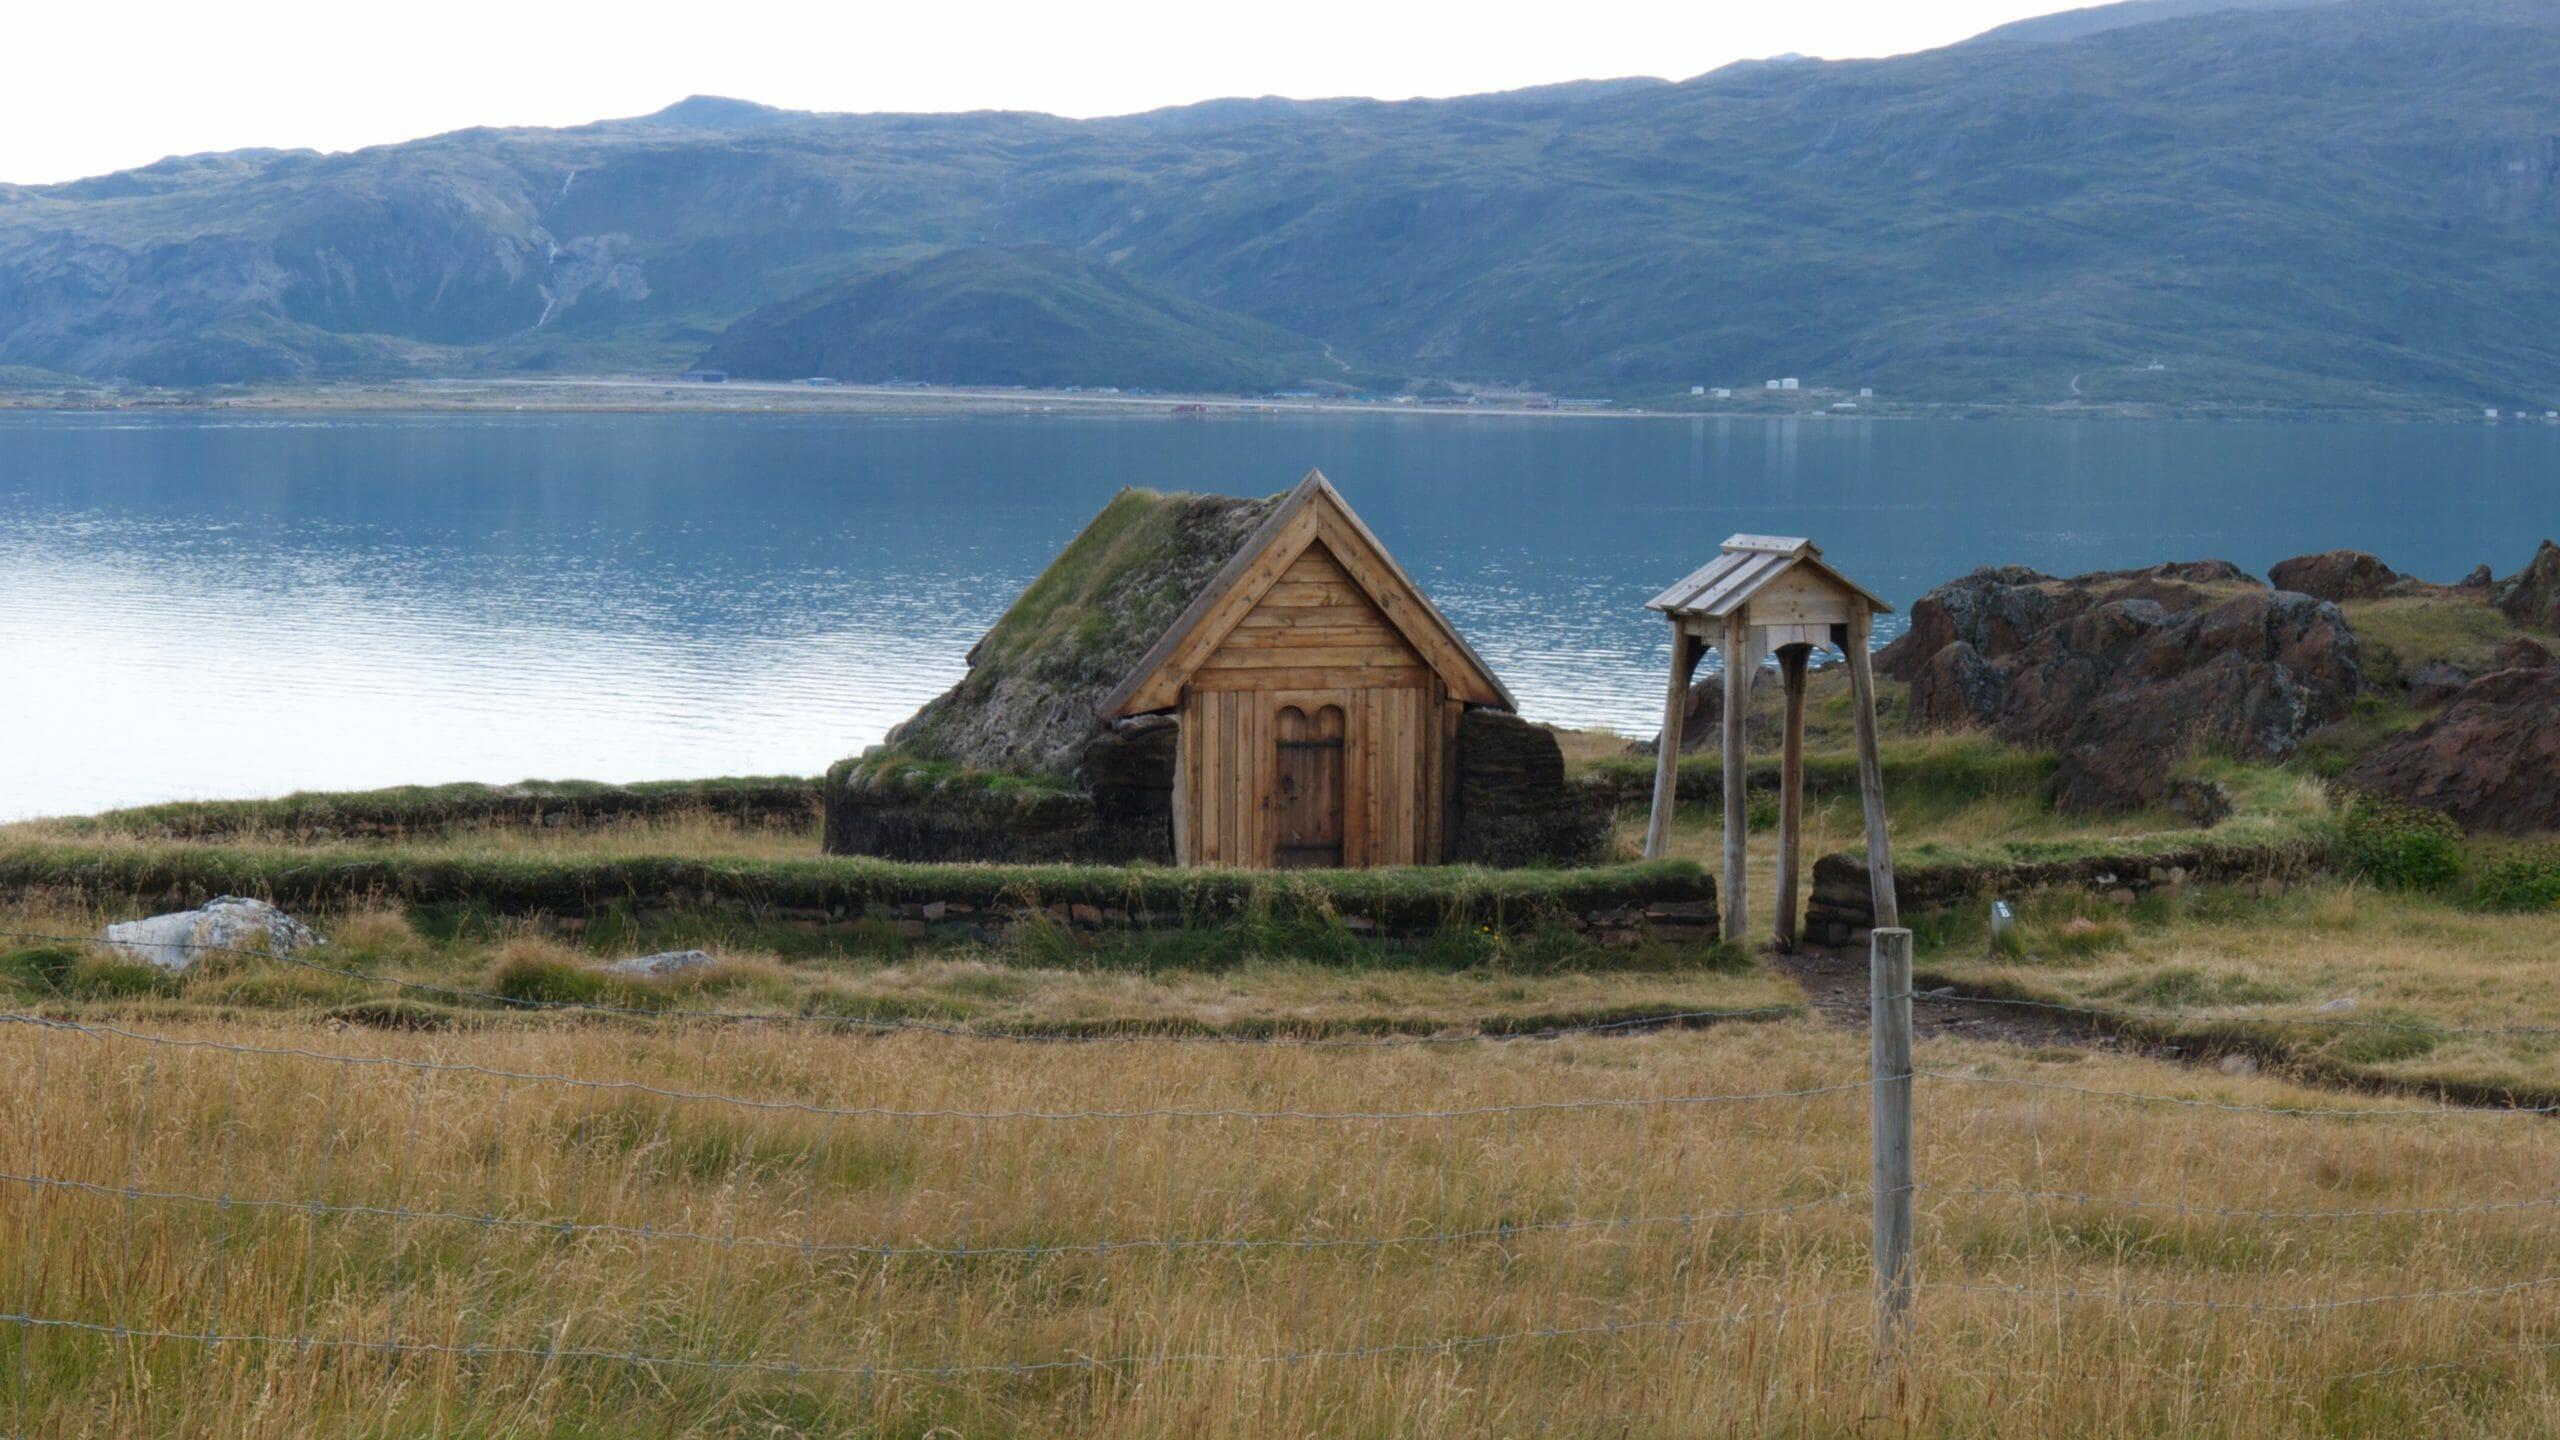 Var grønlands vikinger selv skyld i, at de forsvandt?